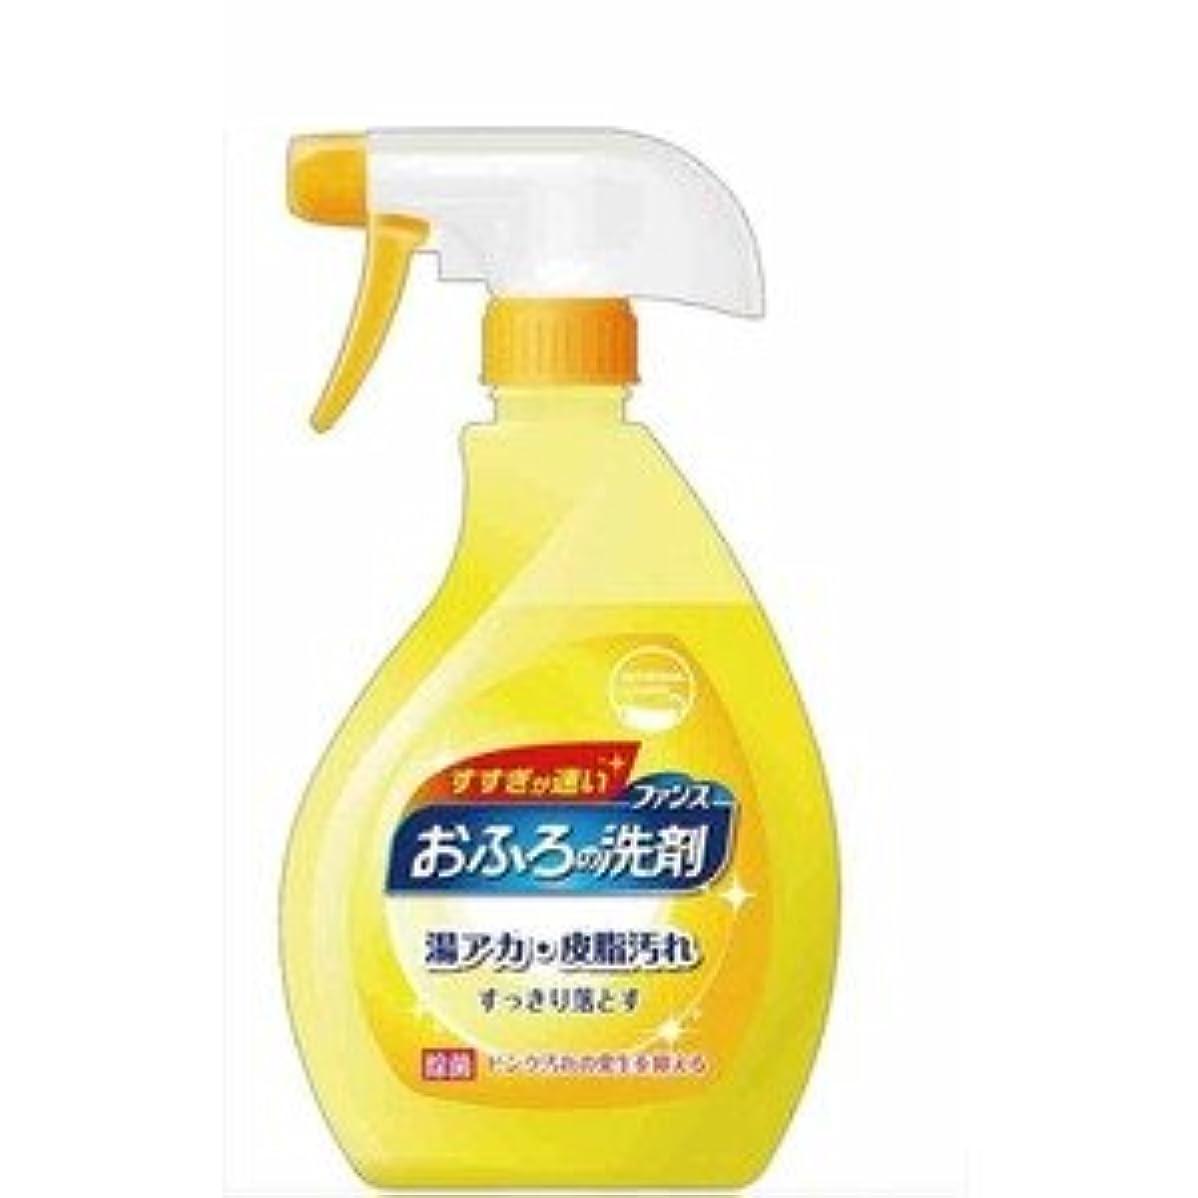 巻き取り新年日ルファンスおふろの洗剤オレンジミント本体380ml 46-238 【120個セット】